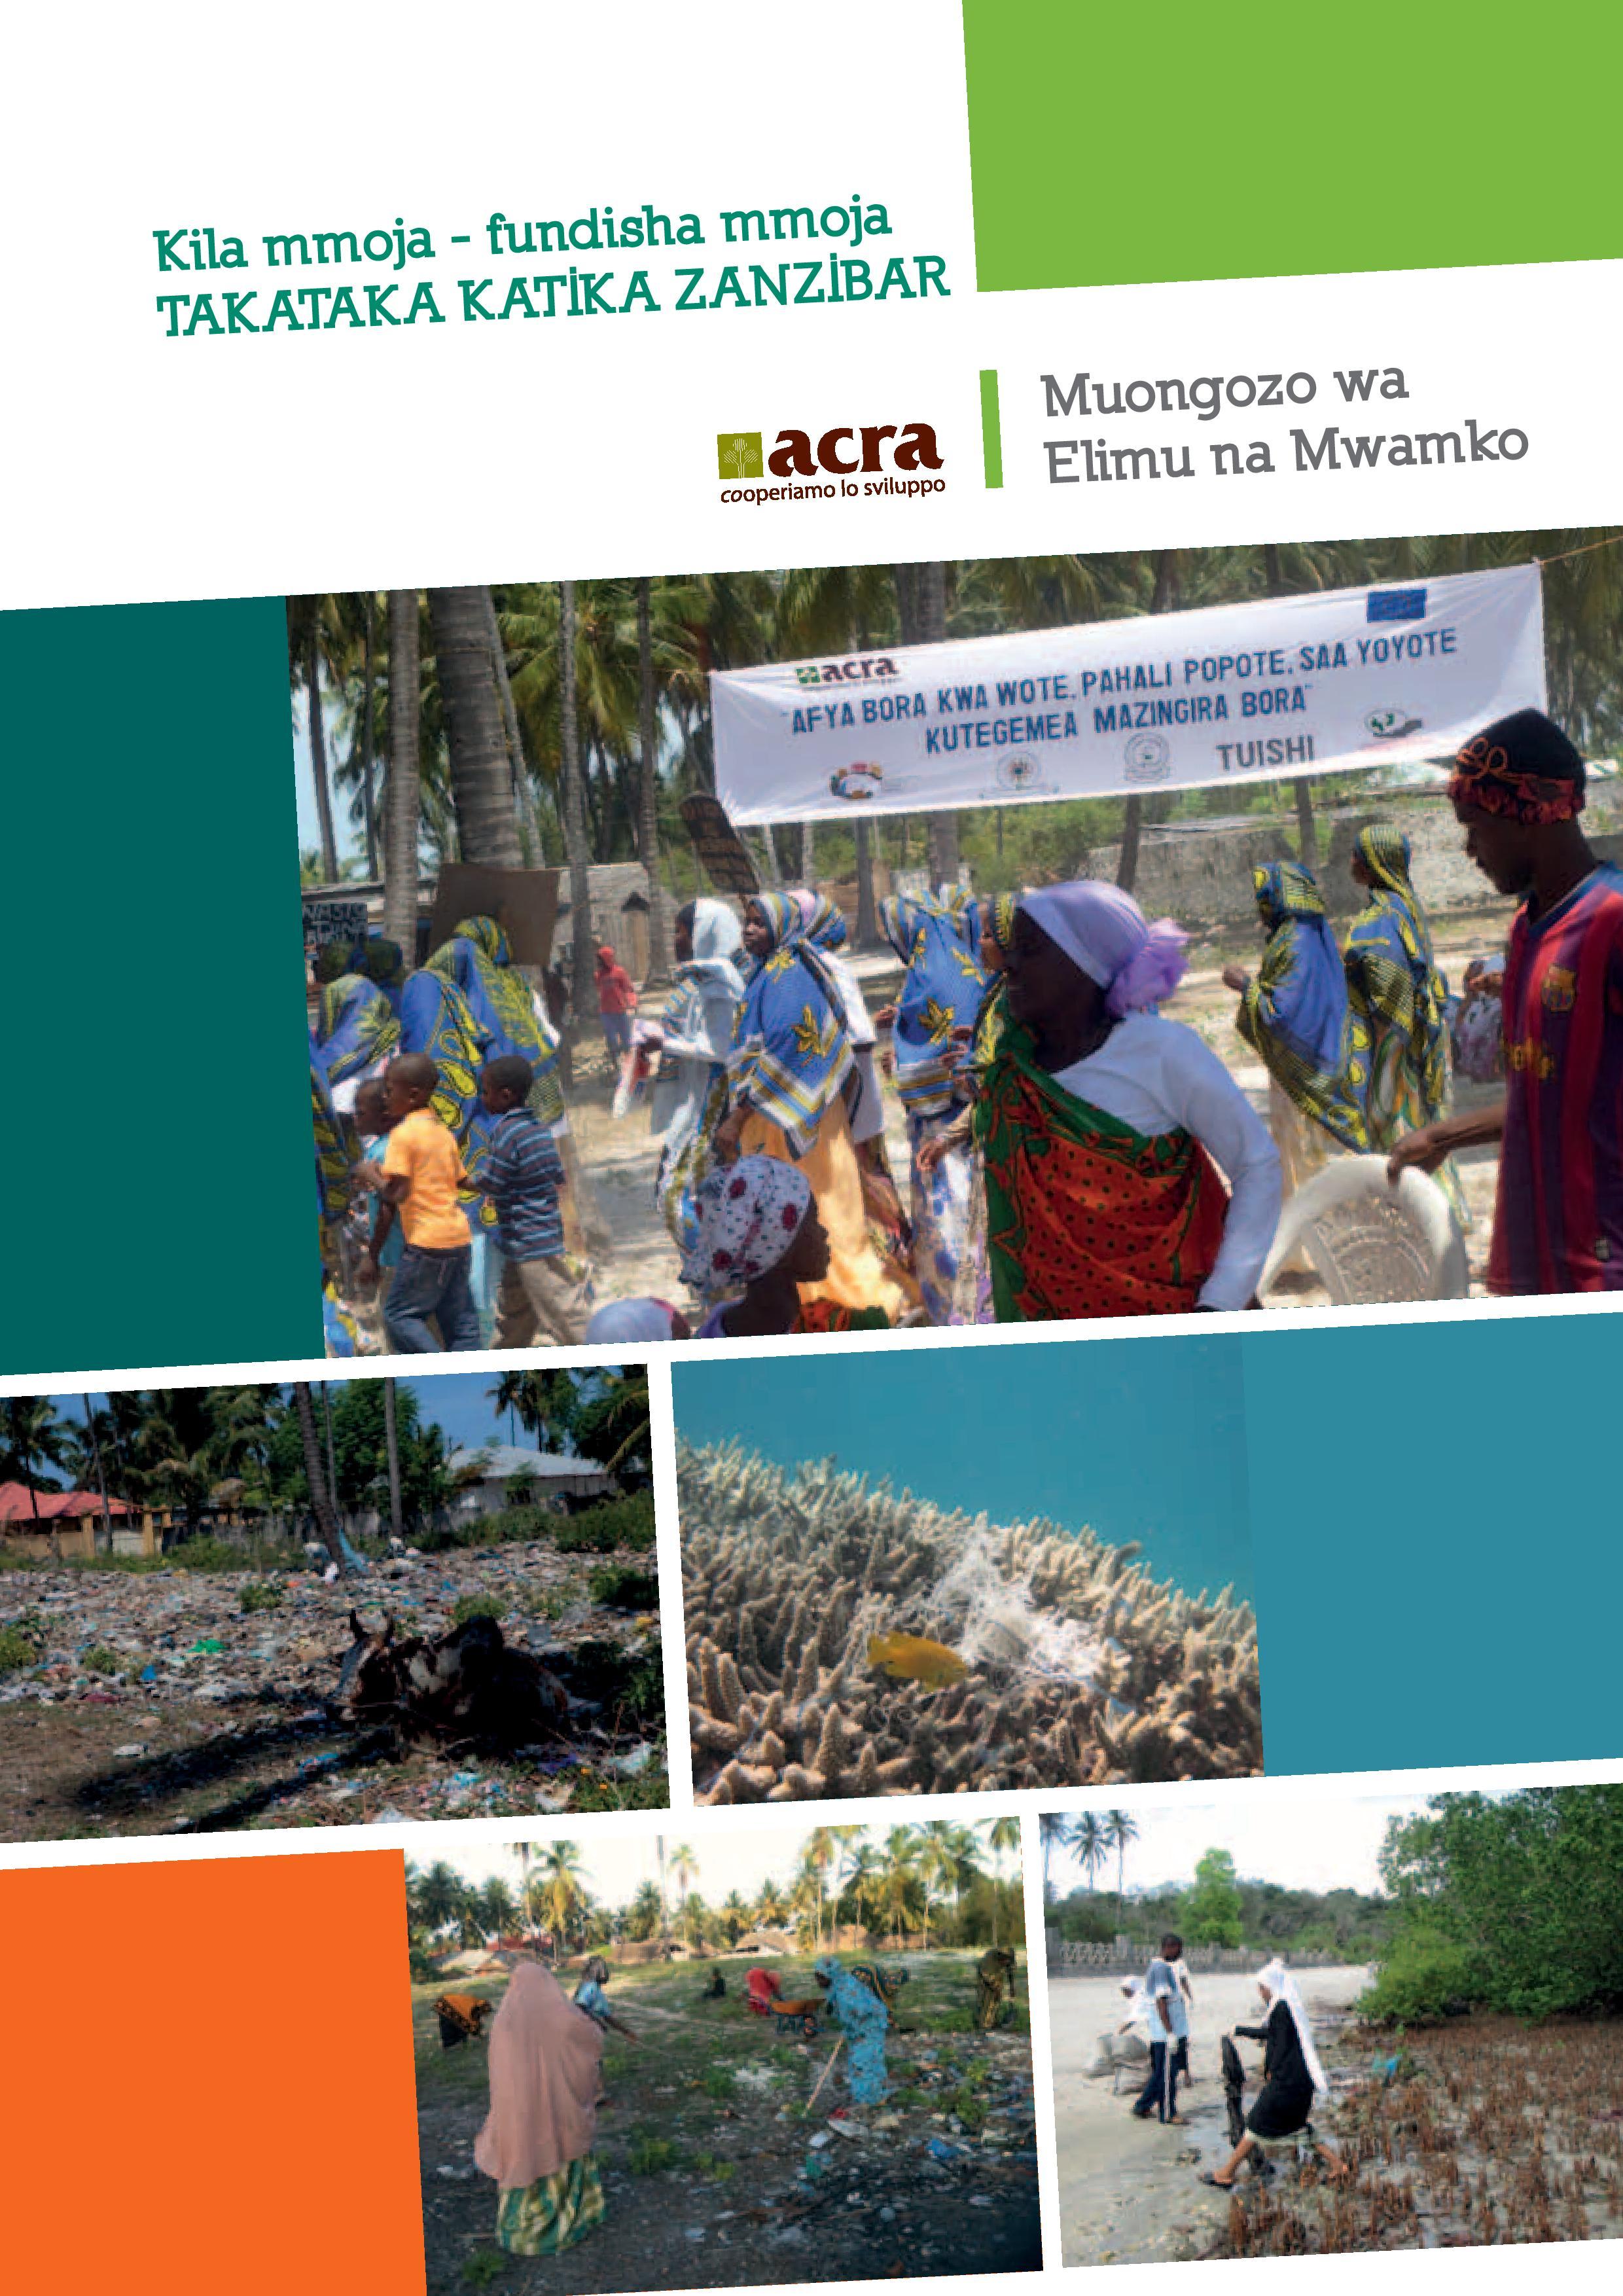 Free download of guide - Takataka katika Zanzibar - Kiswahili